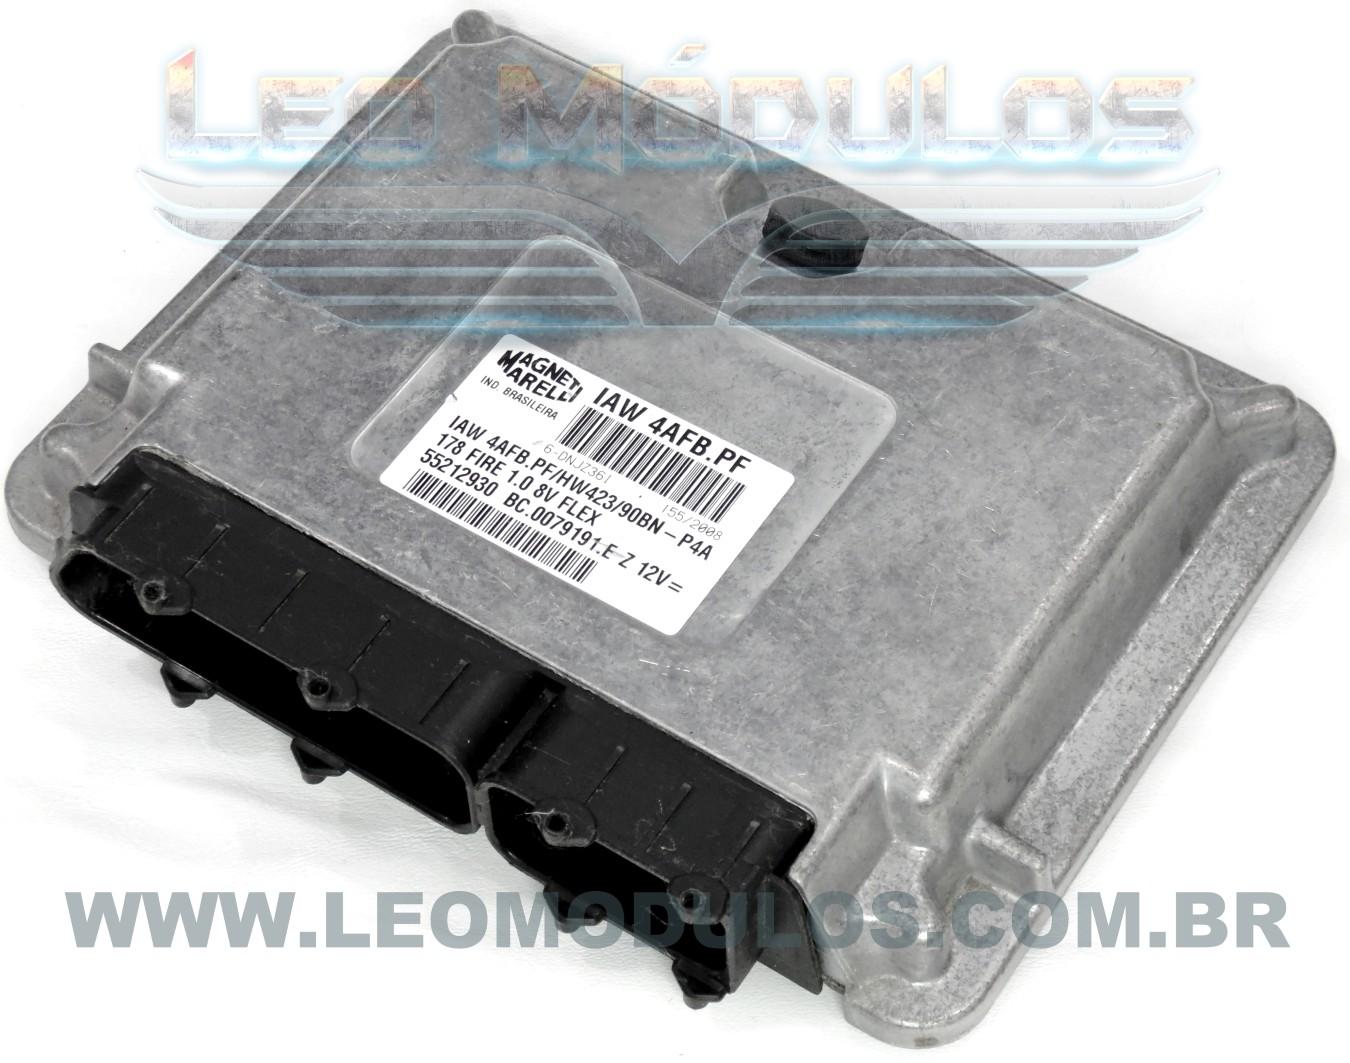 Módulo de injeção marelli - IAW 4AFB.PF - 55212930 - Fiat Palio Siena 1.0 8V Flex - BC.0079191.E IAW 4AFBPF - Leo Módulos